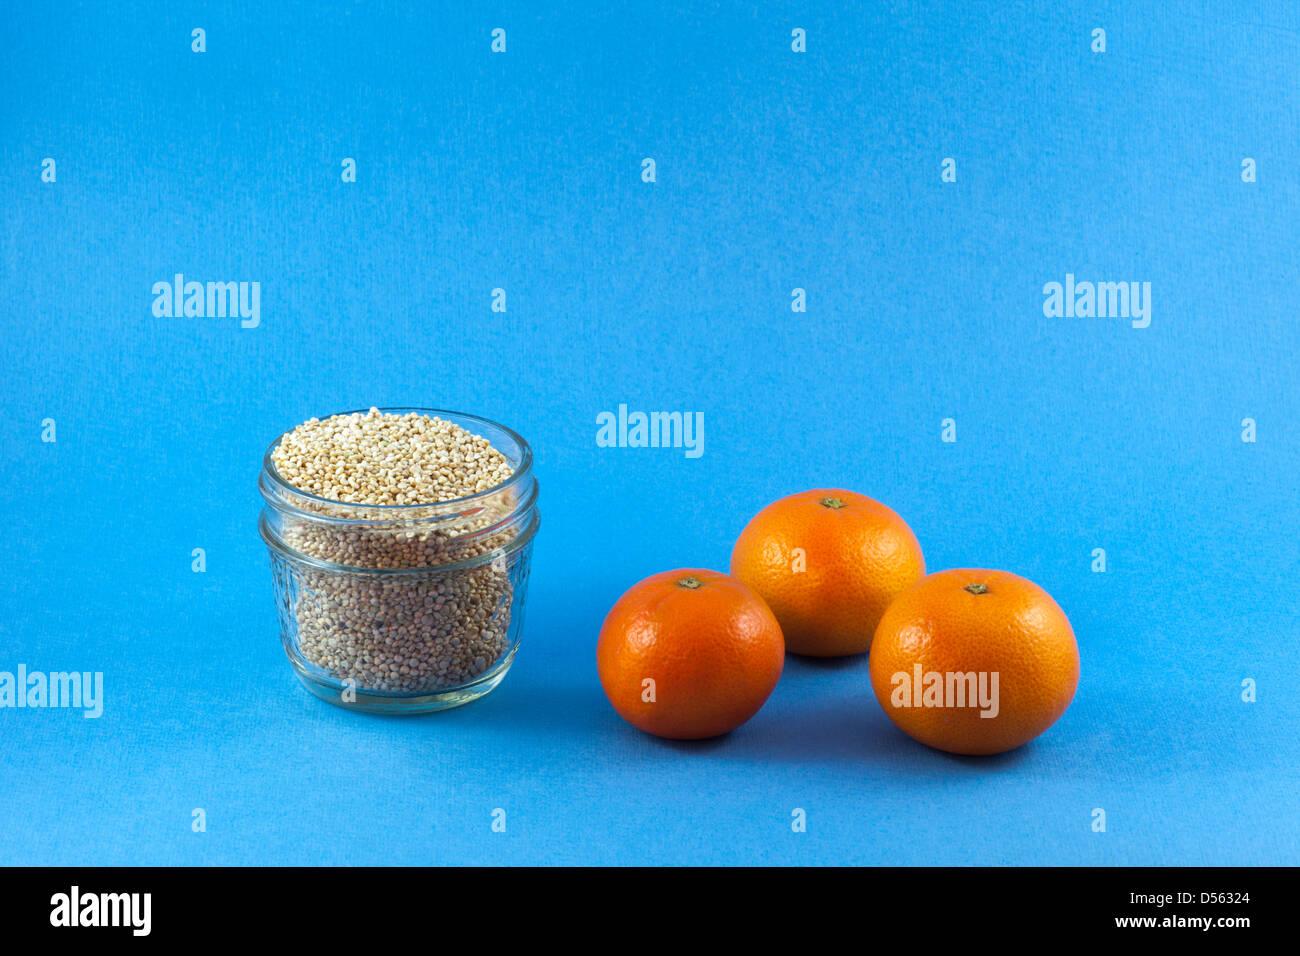 Jar of organic Quinoa (Chenopodium quinoa) with organic mandarin oranges - Stock Image